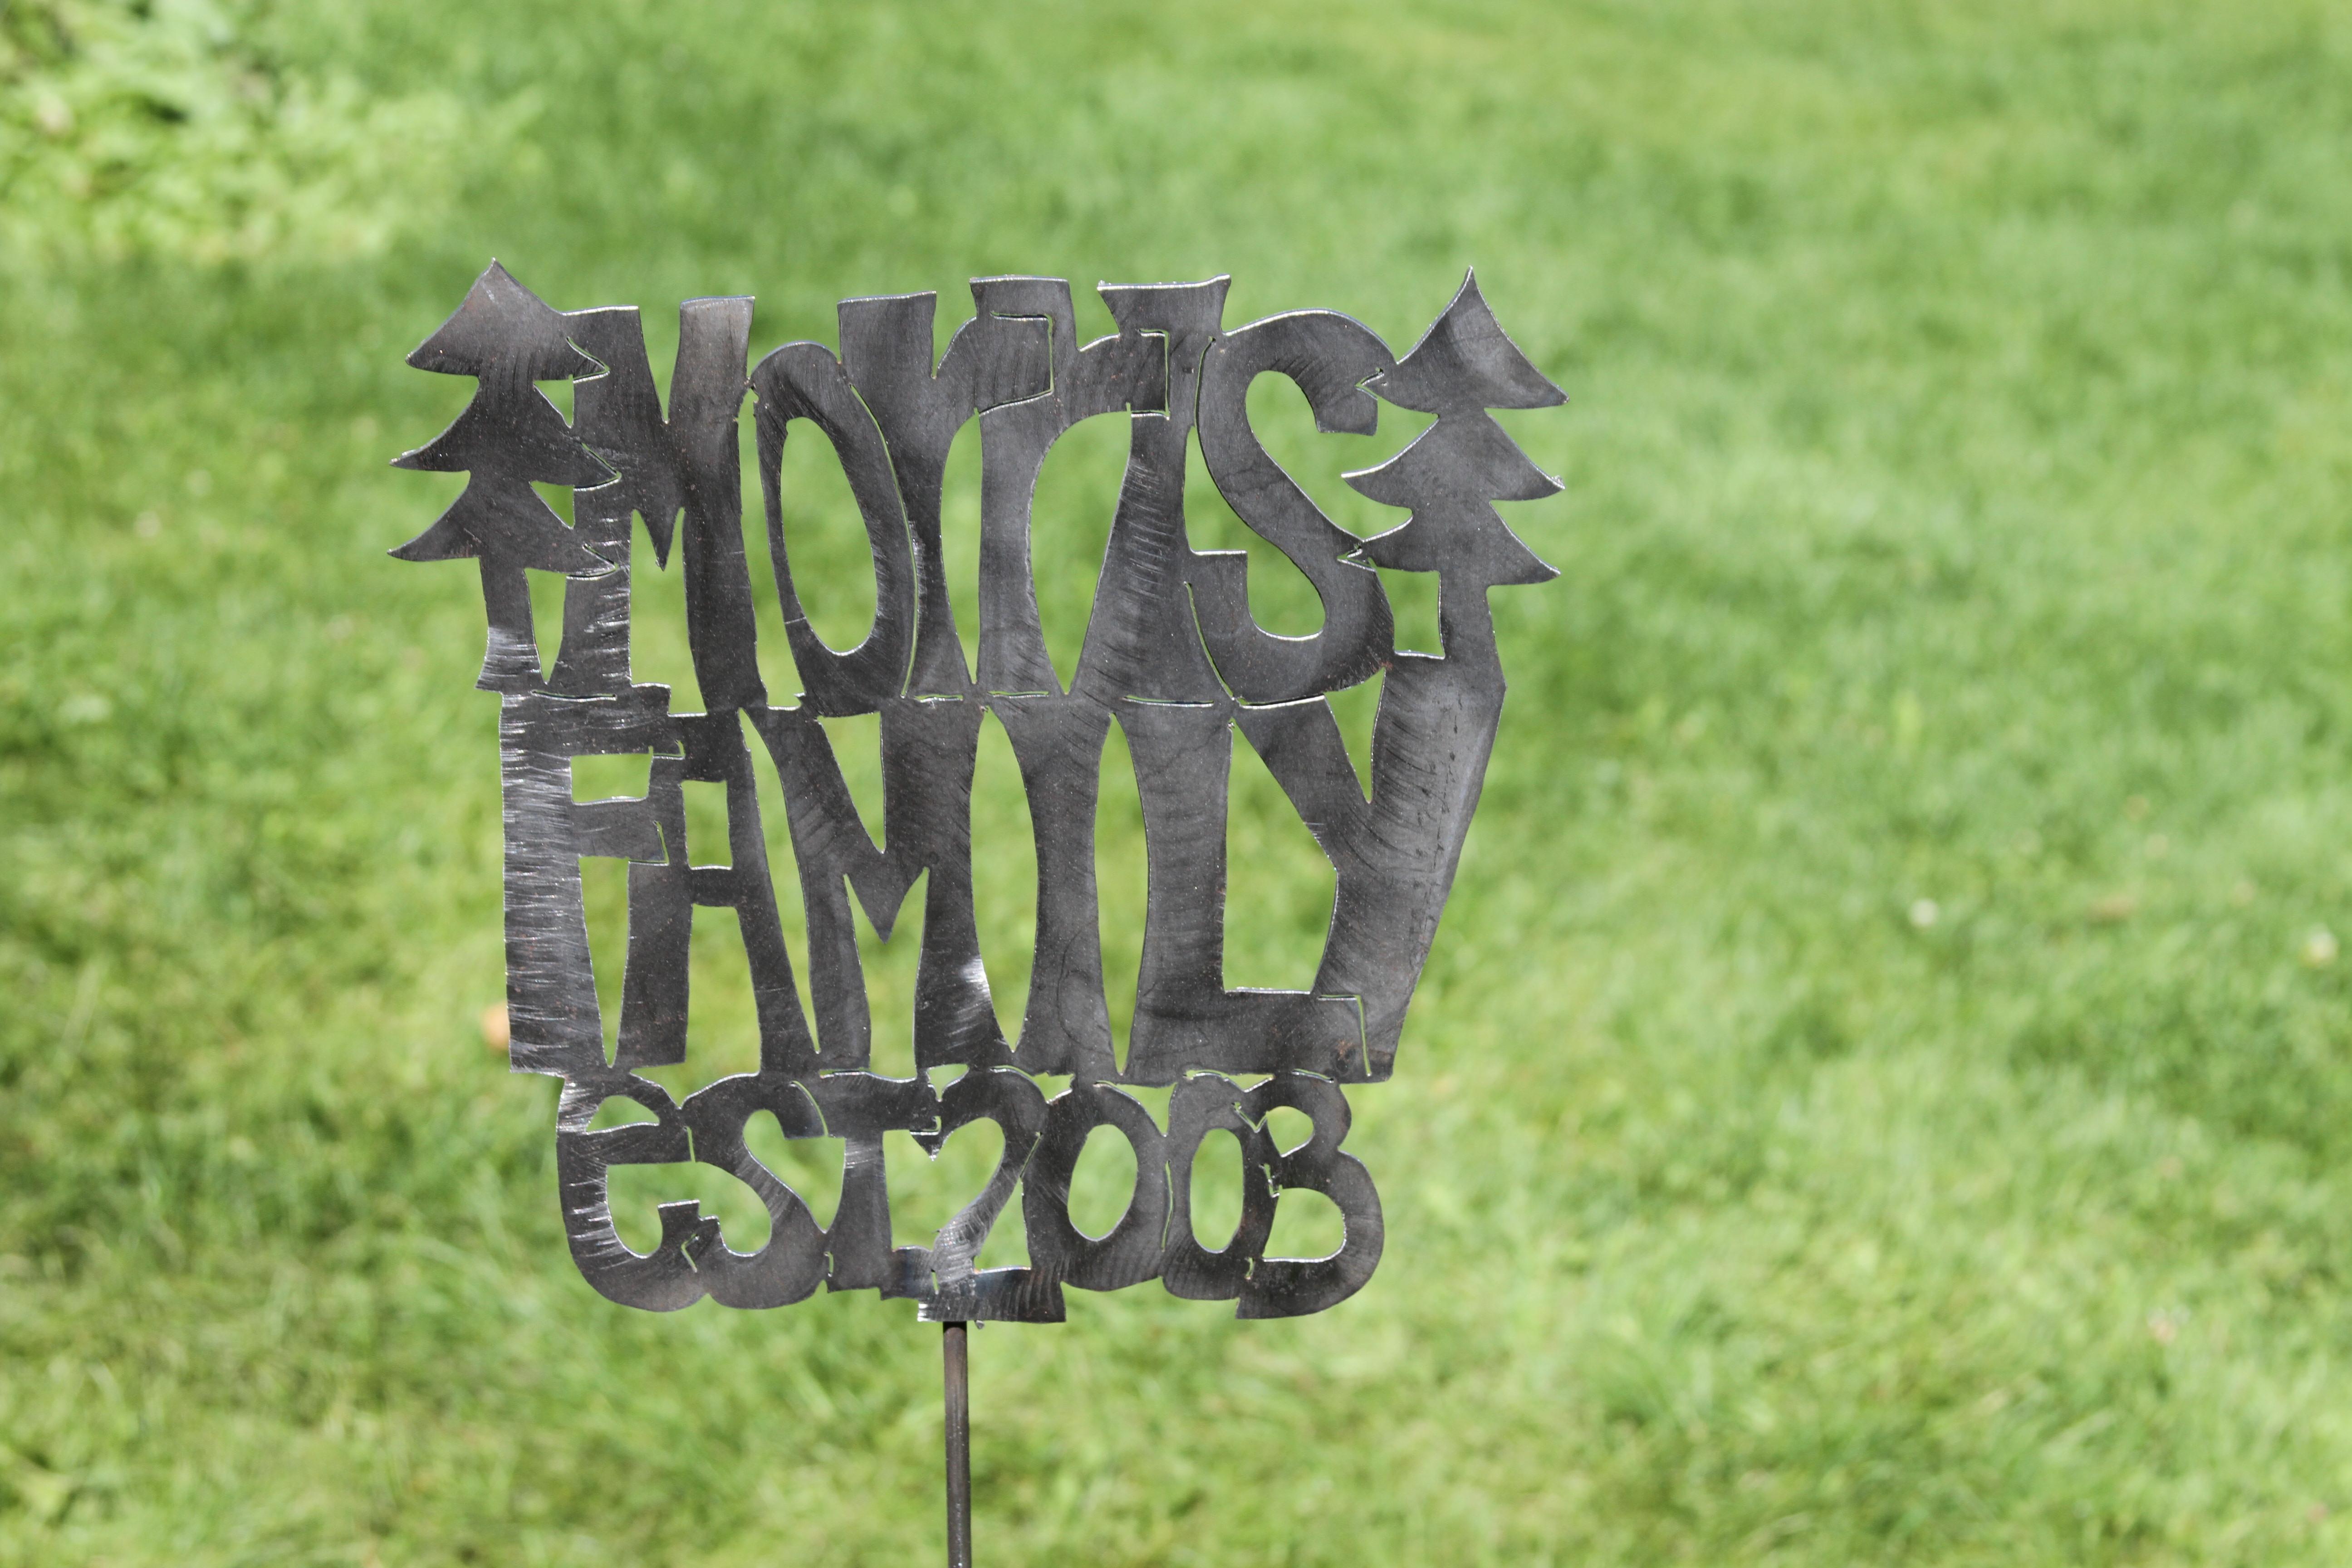 Last Name w/ Pine Trees